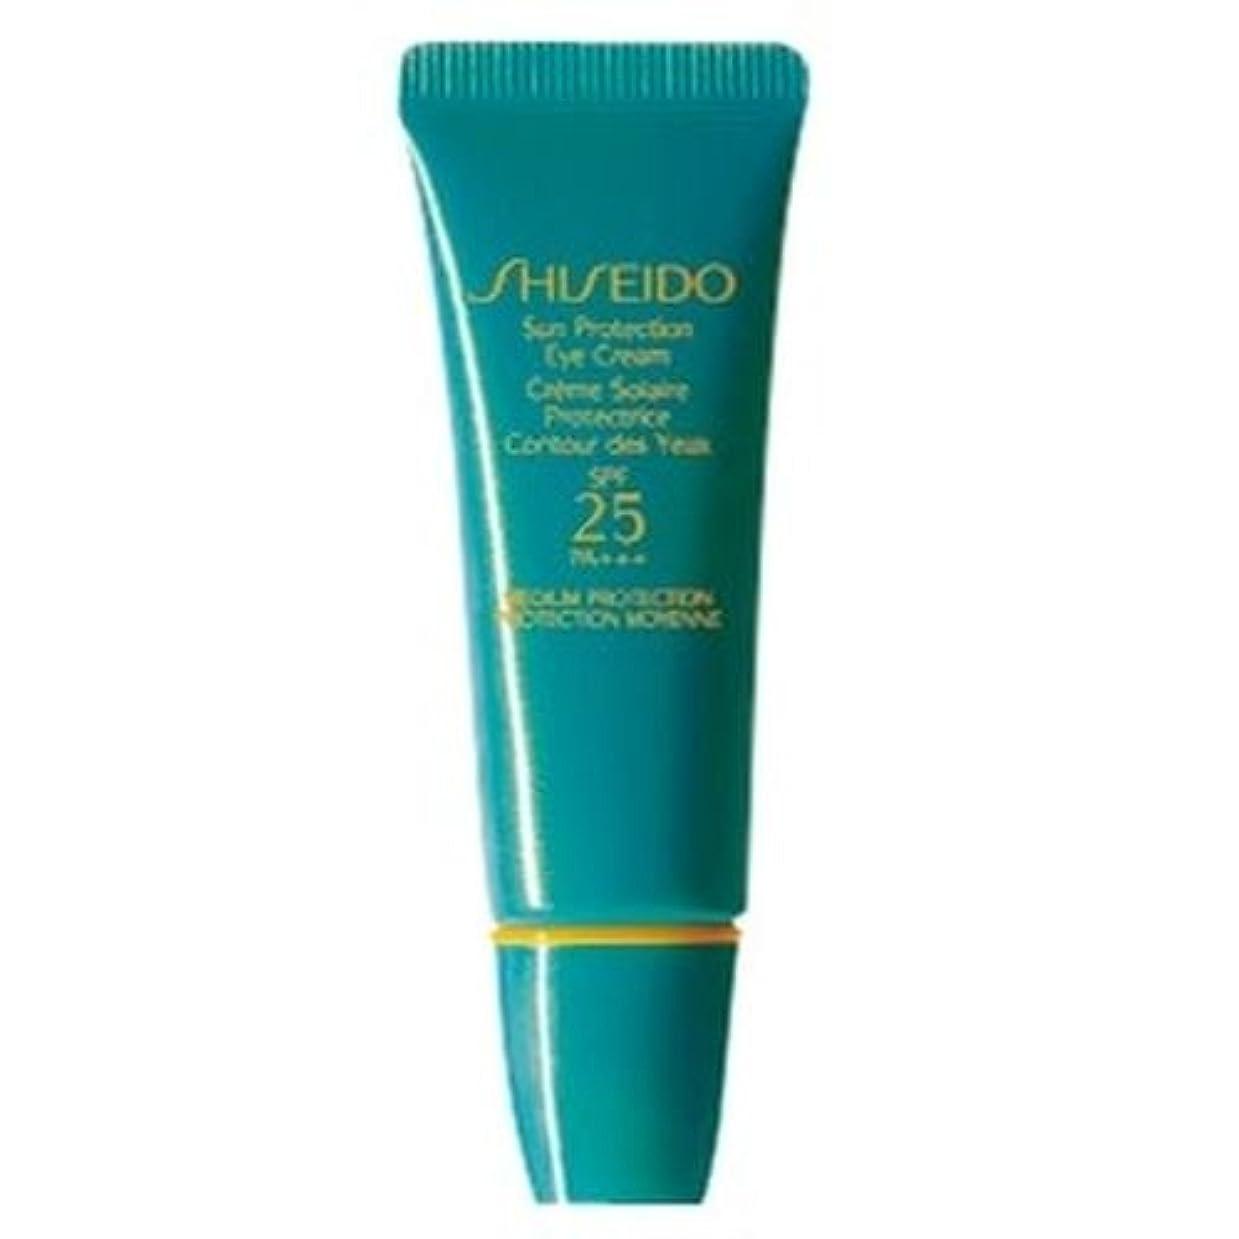 ハドル光意志[Shiseido] 資生堂サンプロテクションアイクリーム15ミリリットル - Shiseido Sun Protection Eye Cream 15ml [並行輸入品]